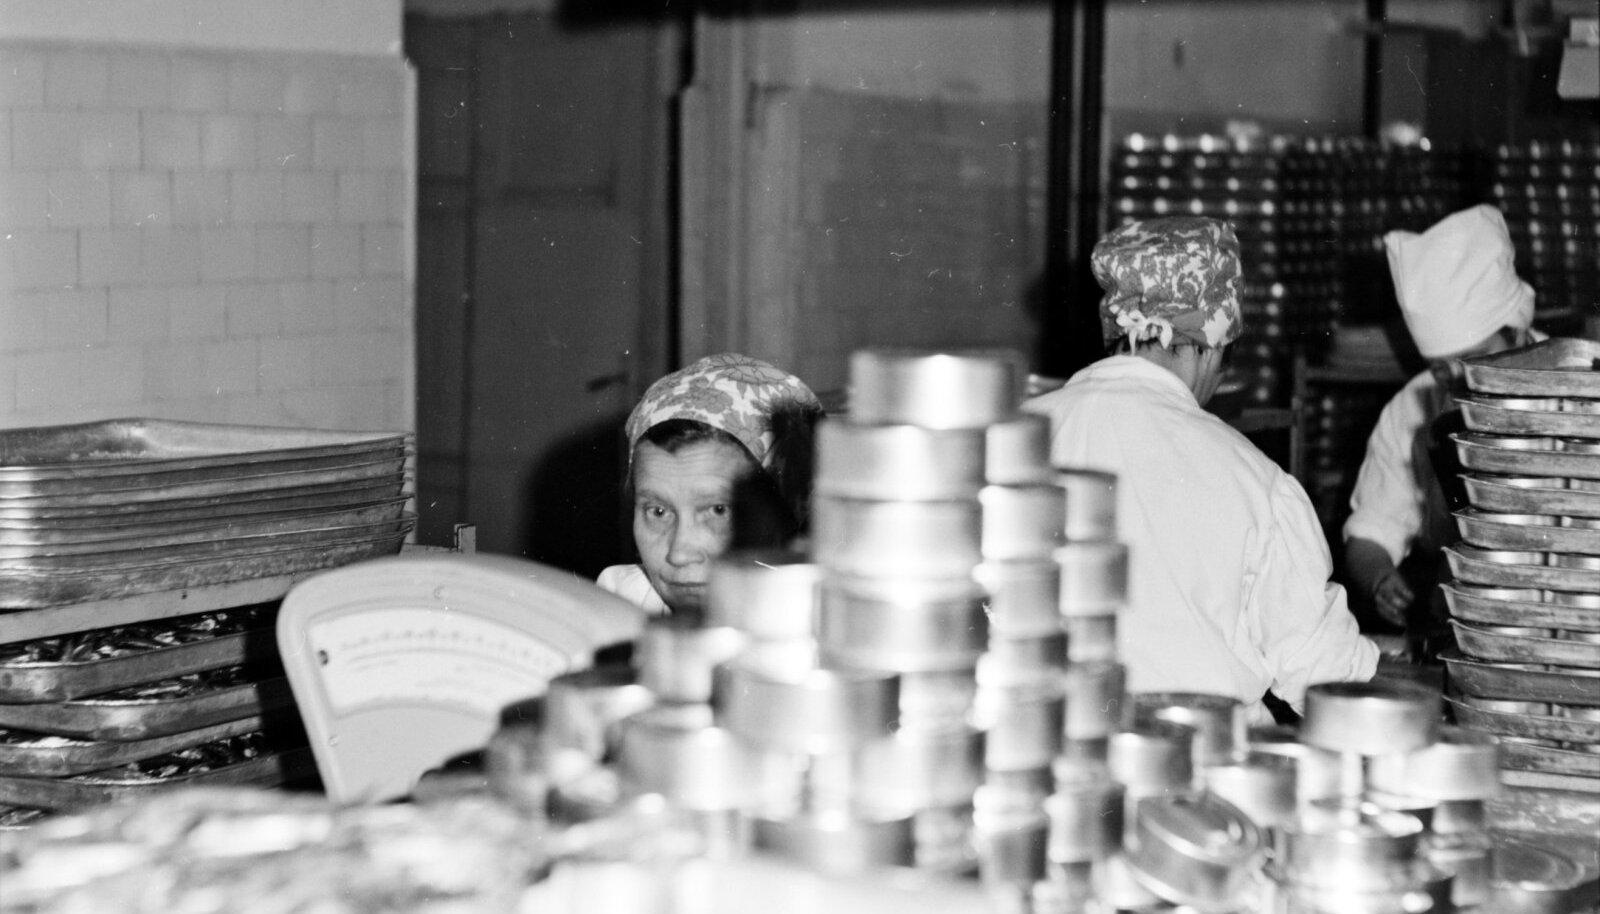 KALA PLEKI SISSE: Nii pakendati räim tomatis ja teised konservid Hiiumaa kalakombinaadis karpidesse. Foto aastast 1969.